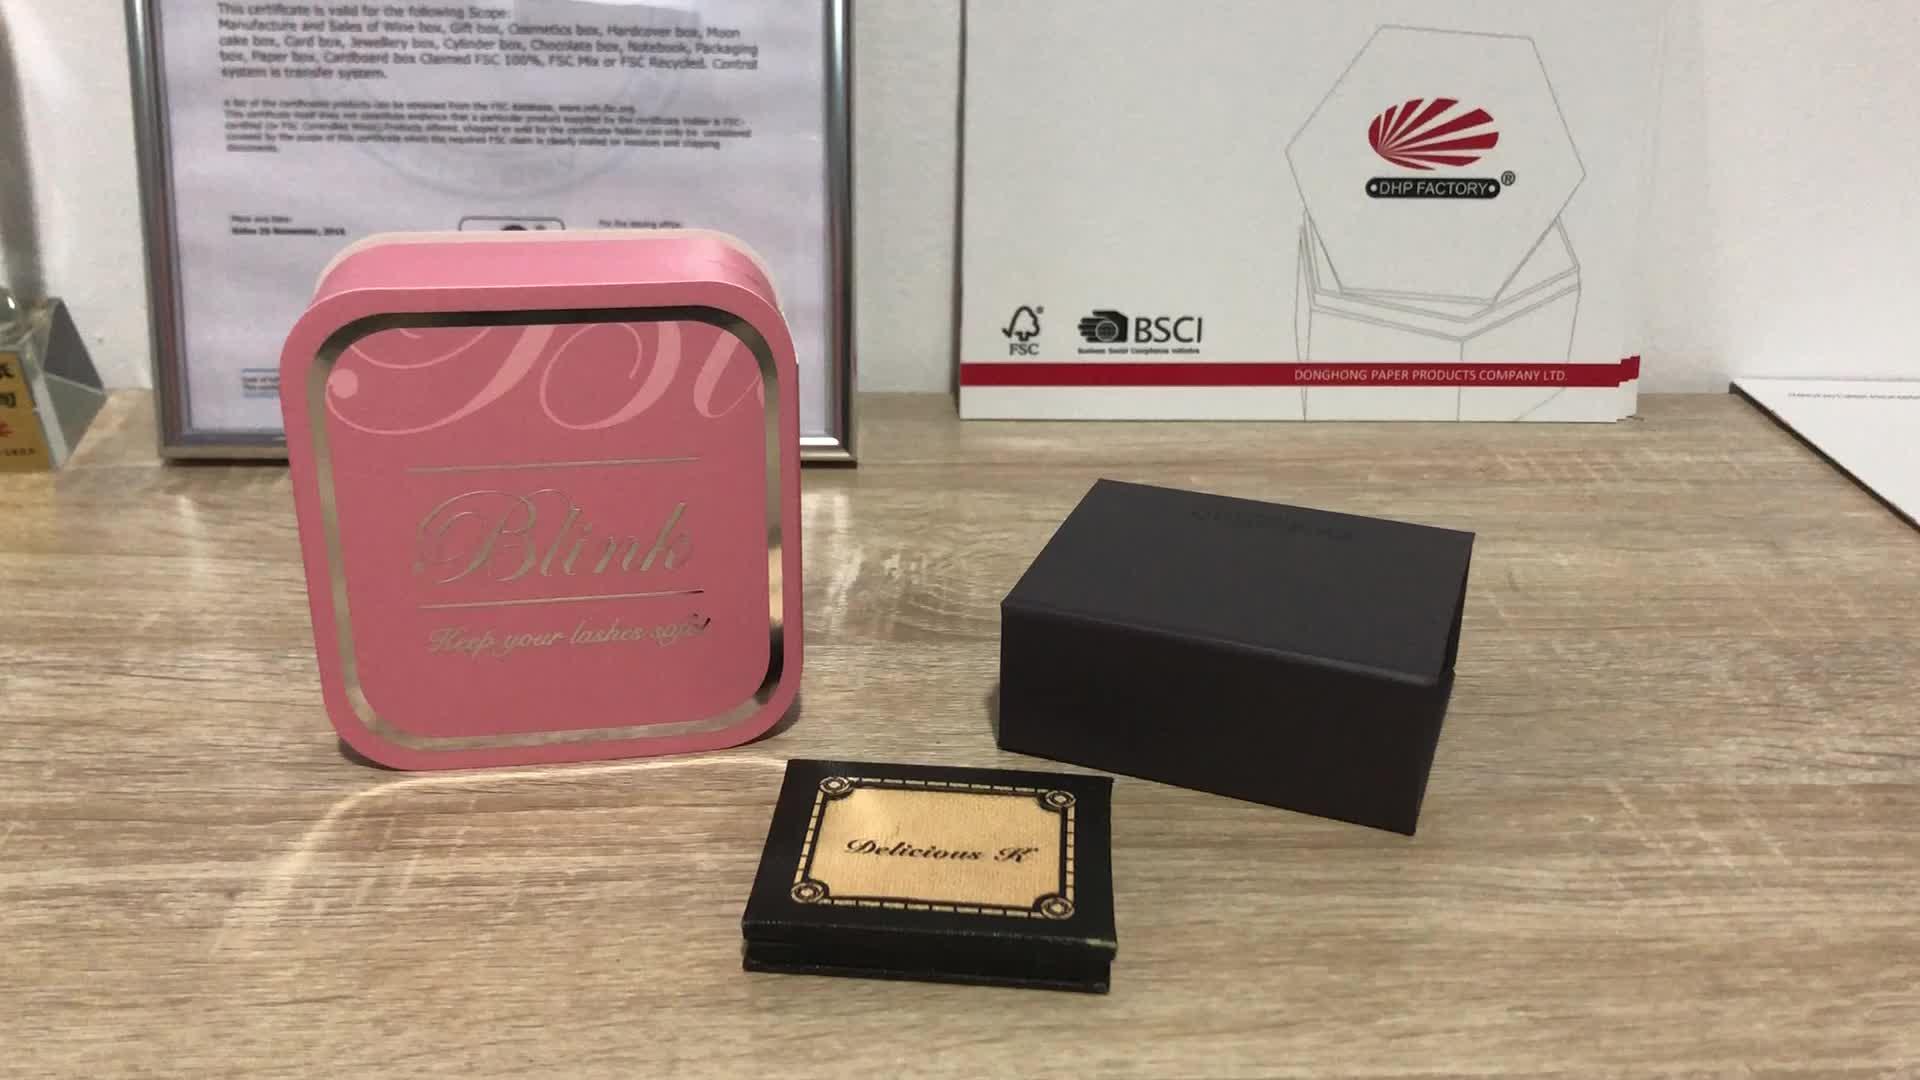 काले थोक निजी लेबल लक्जरी प्रीमियम खाली कठोर गत्ता कागज पैकेजिंग उपहार कस्टम चुंबकीय चलाओ बॉक्स डालने के साथ